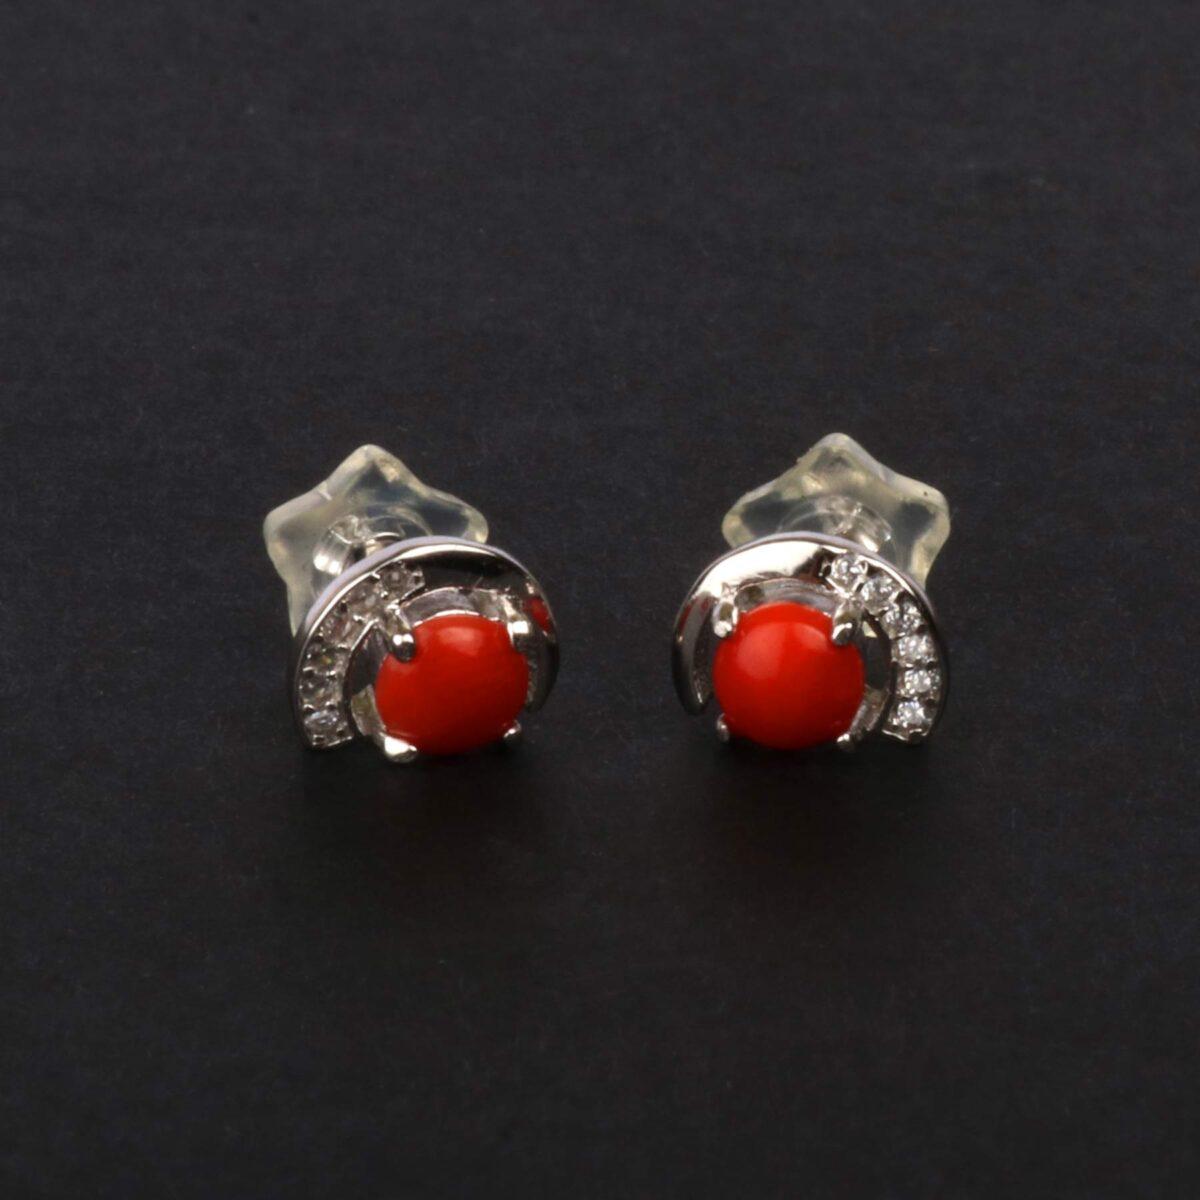 orecchini simple in argento e corallo